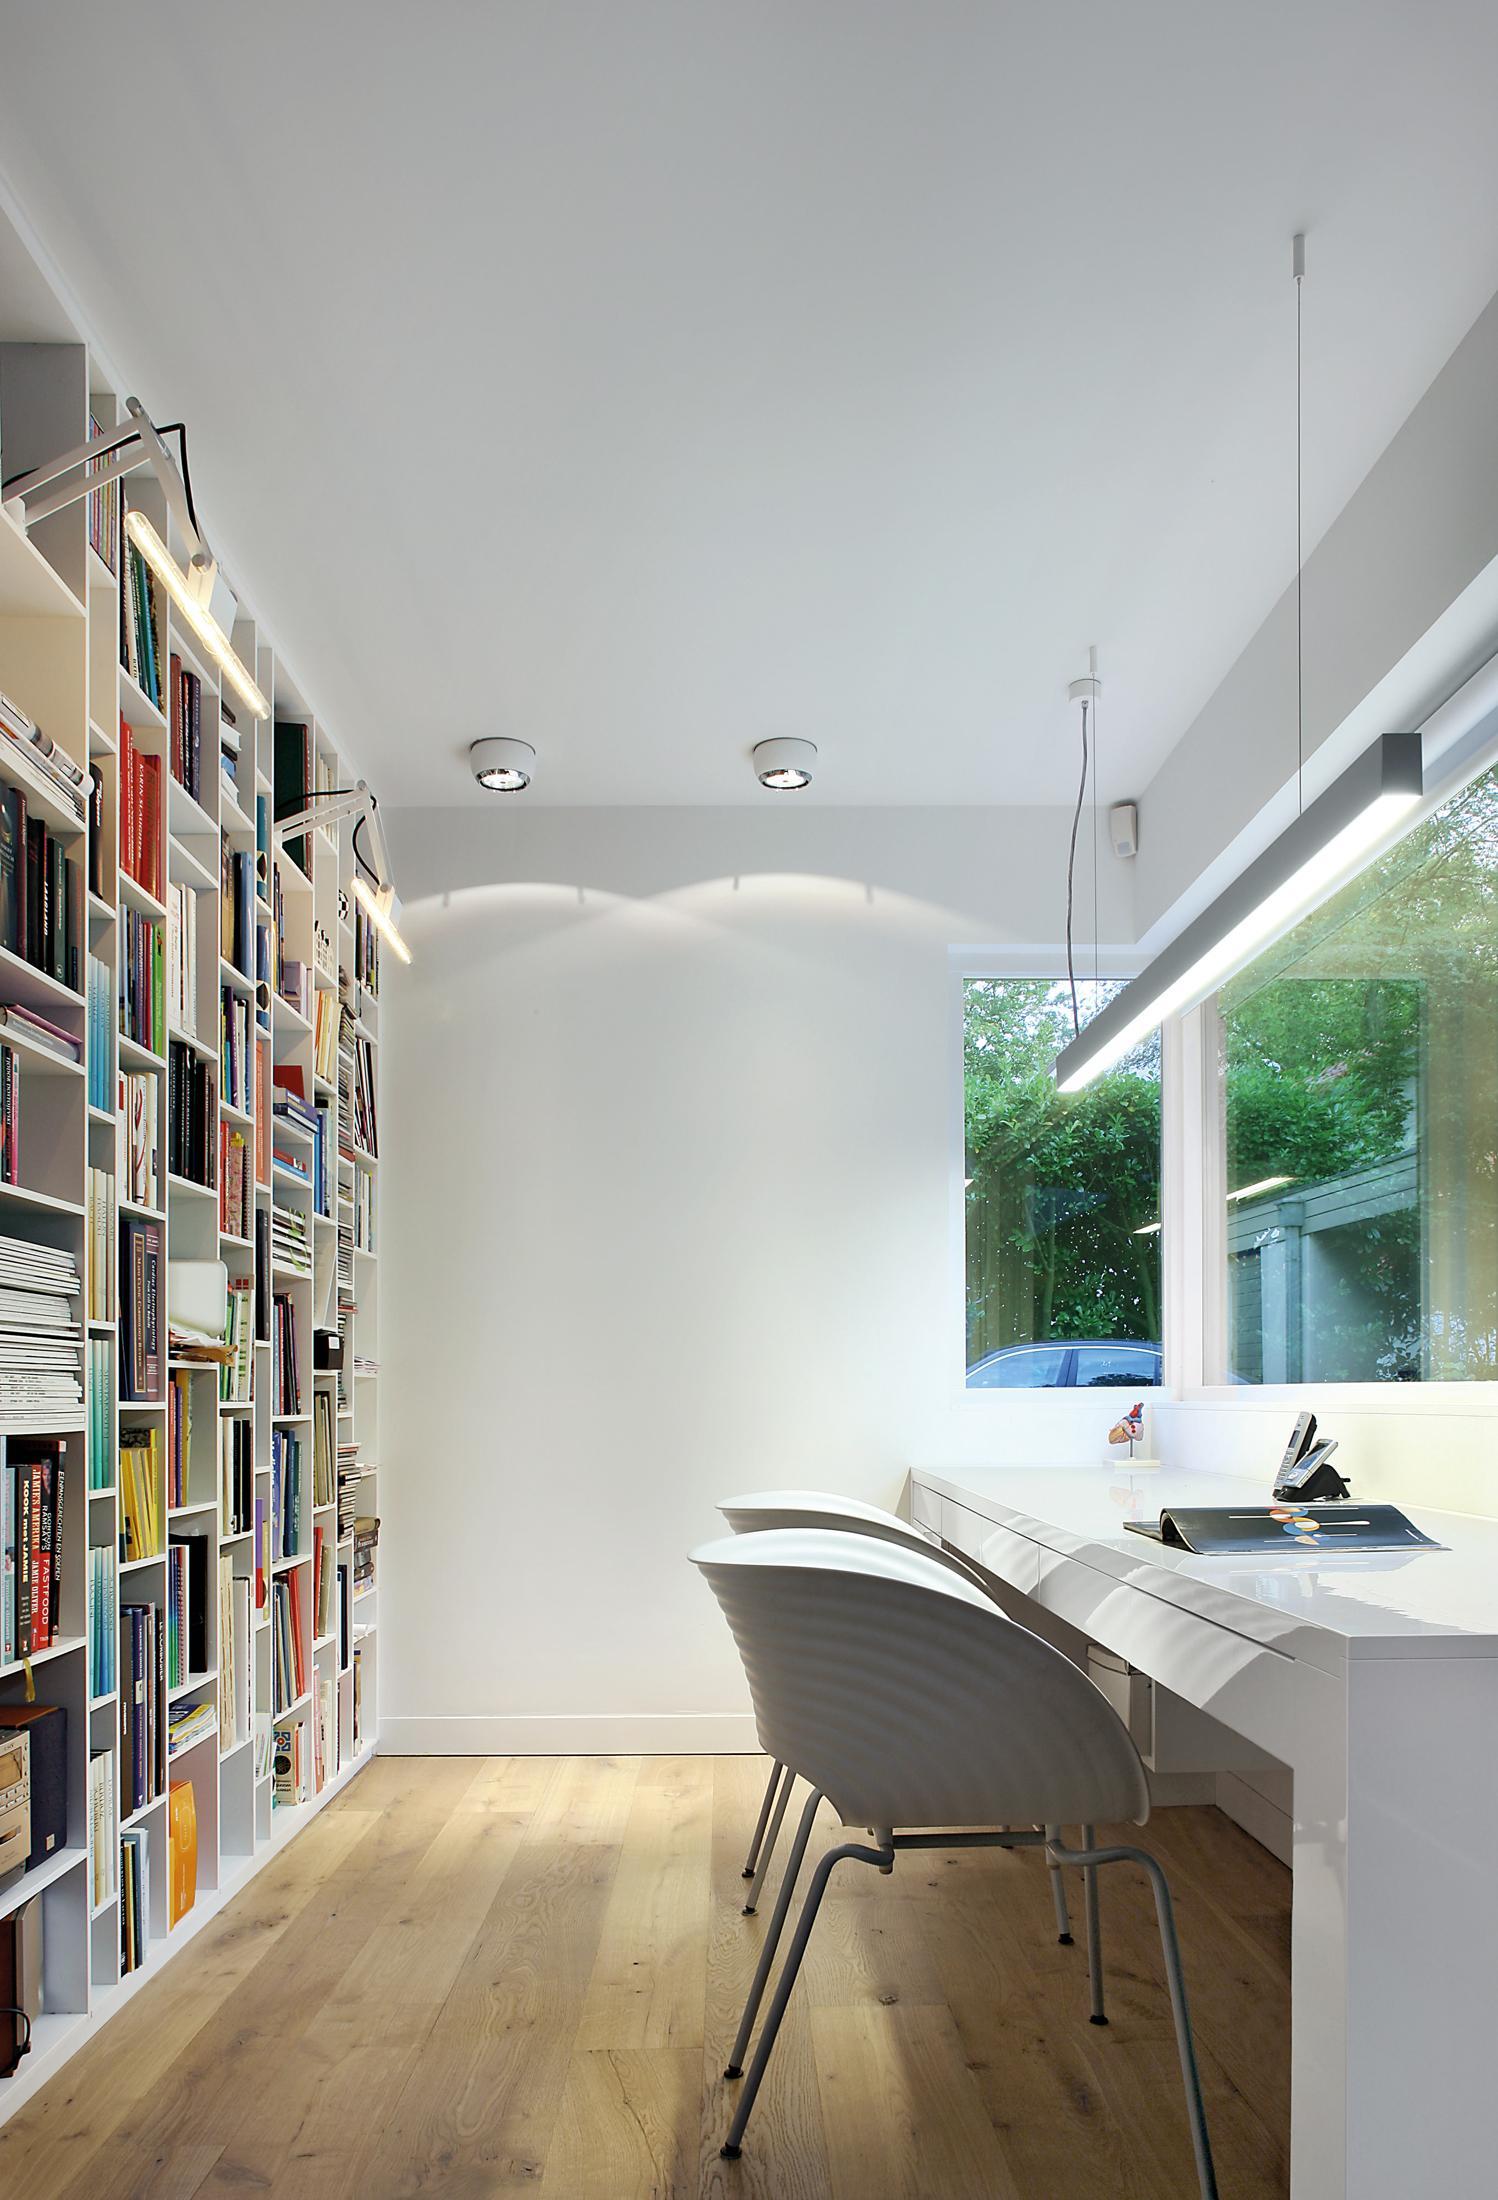 Modernes arbeitszimmer  Modernes Arbeitszimmer durch Beleuchtung größer wirk...